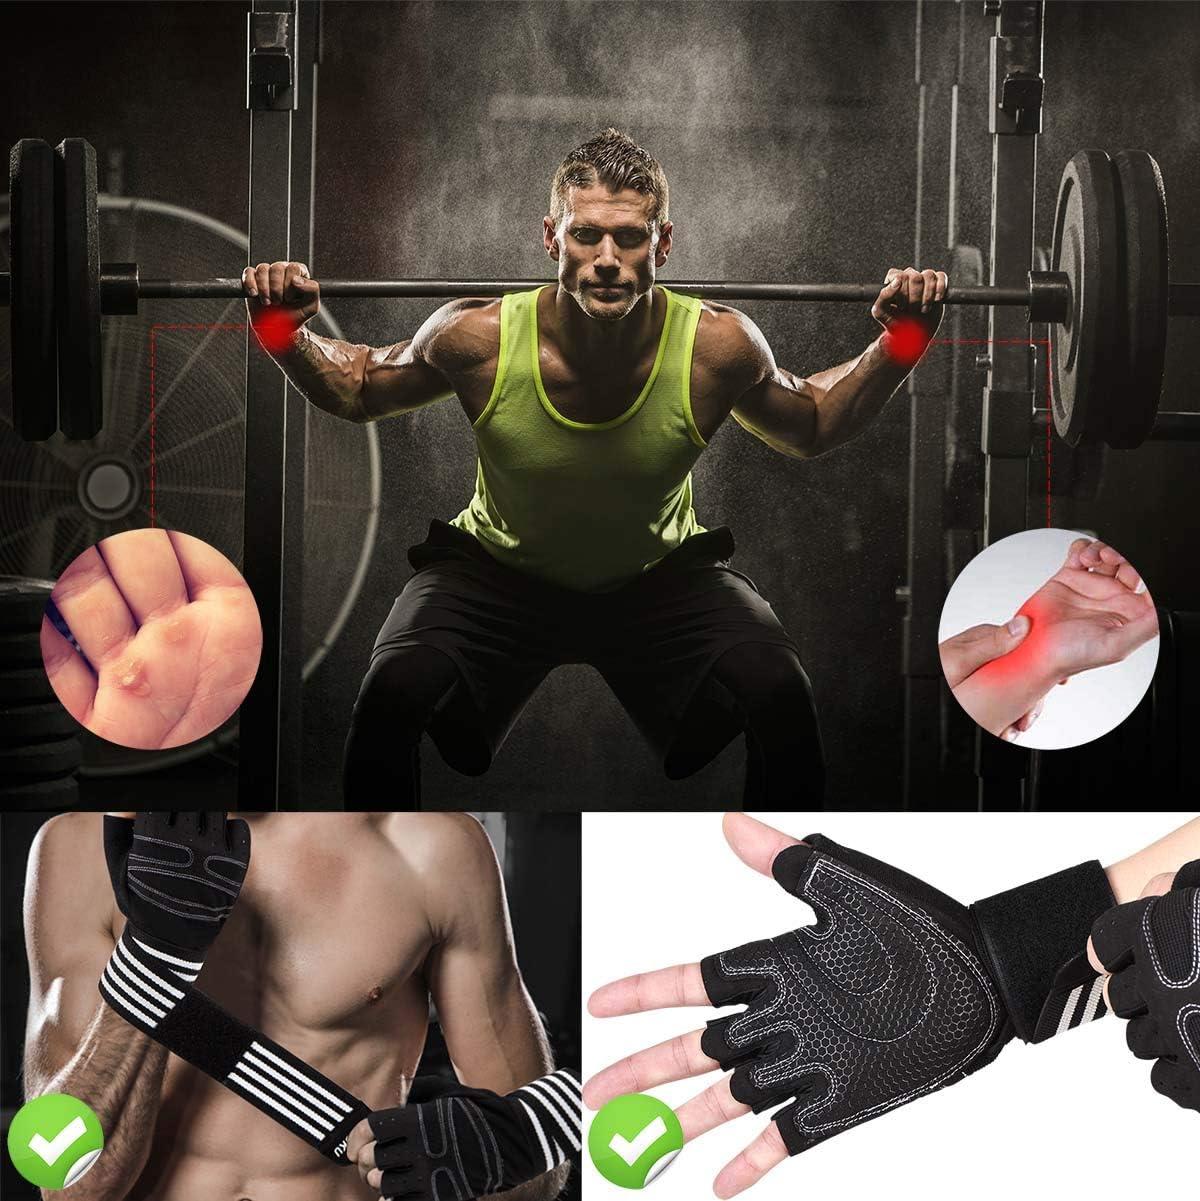 Guantes Gimnasio Hombre Mujer, Gym Guantes Musculation Transpirable con Protección Completa de Muñeca y Palma, Antideslizante Guantes Crossfit para ...